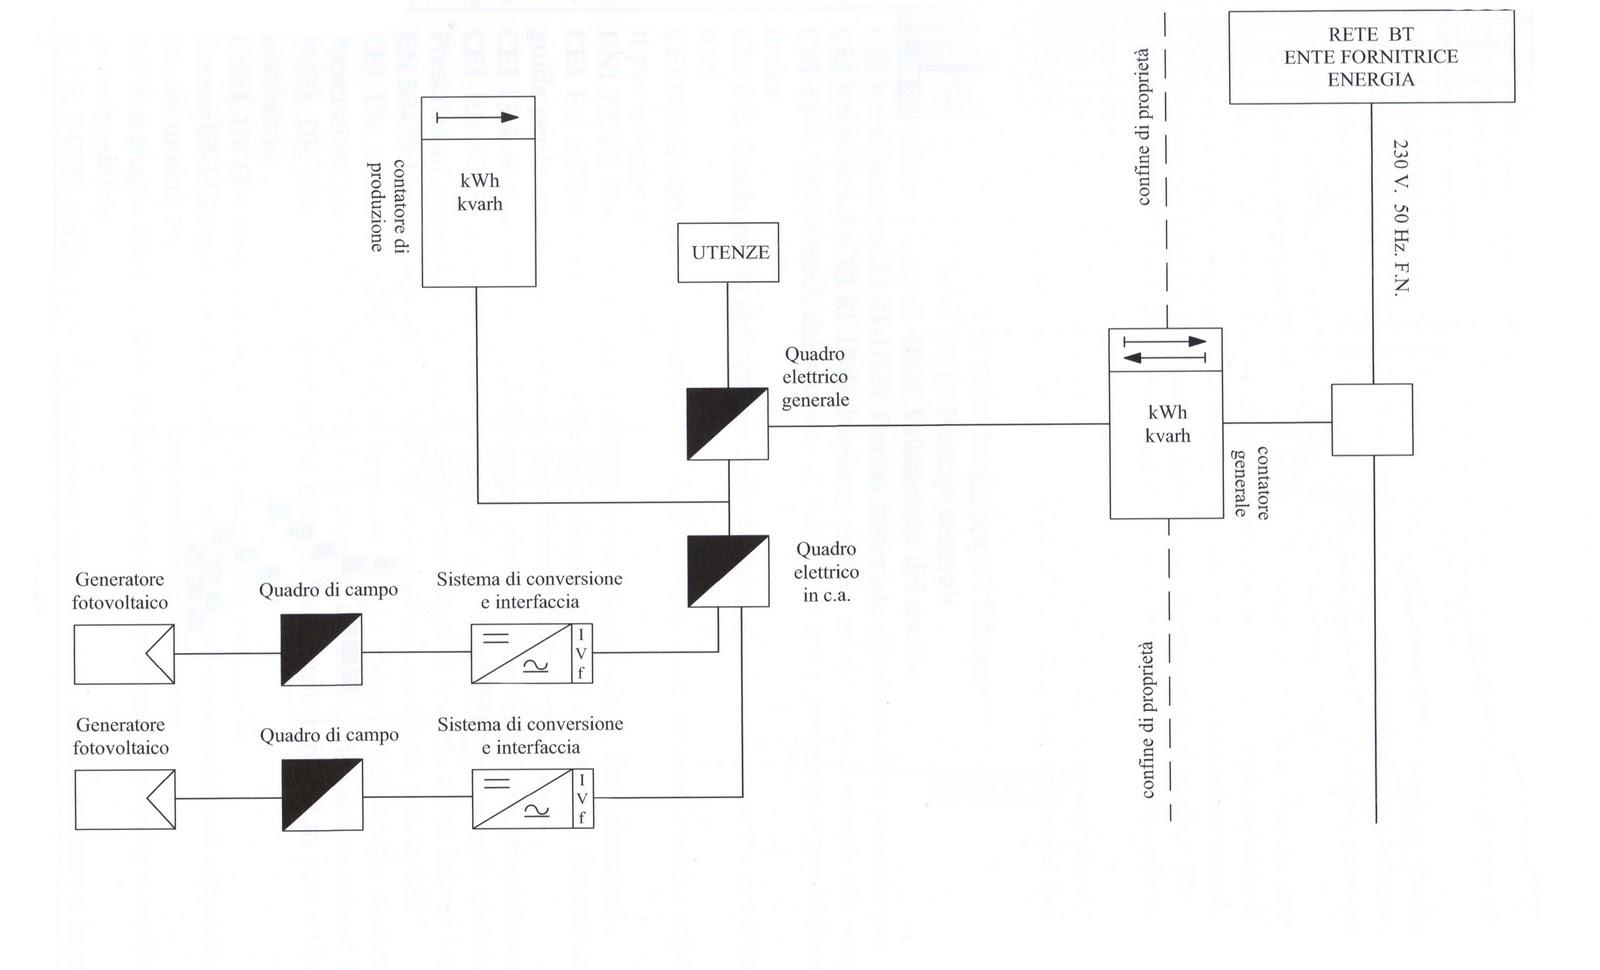 Schema Elettrico Impianto Fotovoltaico 6 Kw : Inglvs impianto fotovoltaico da kw di picco